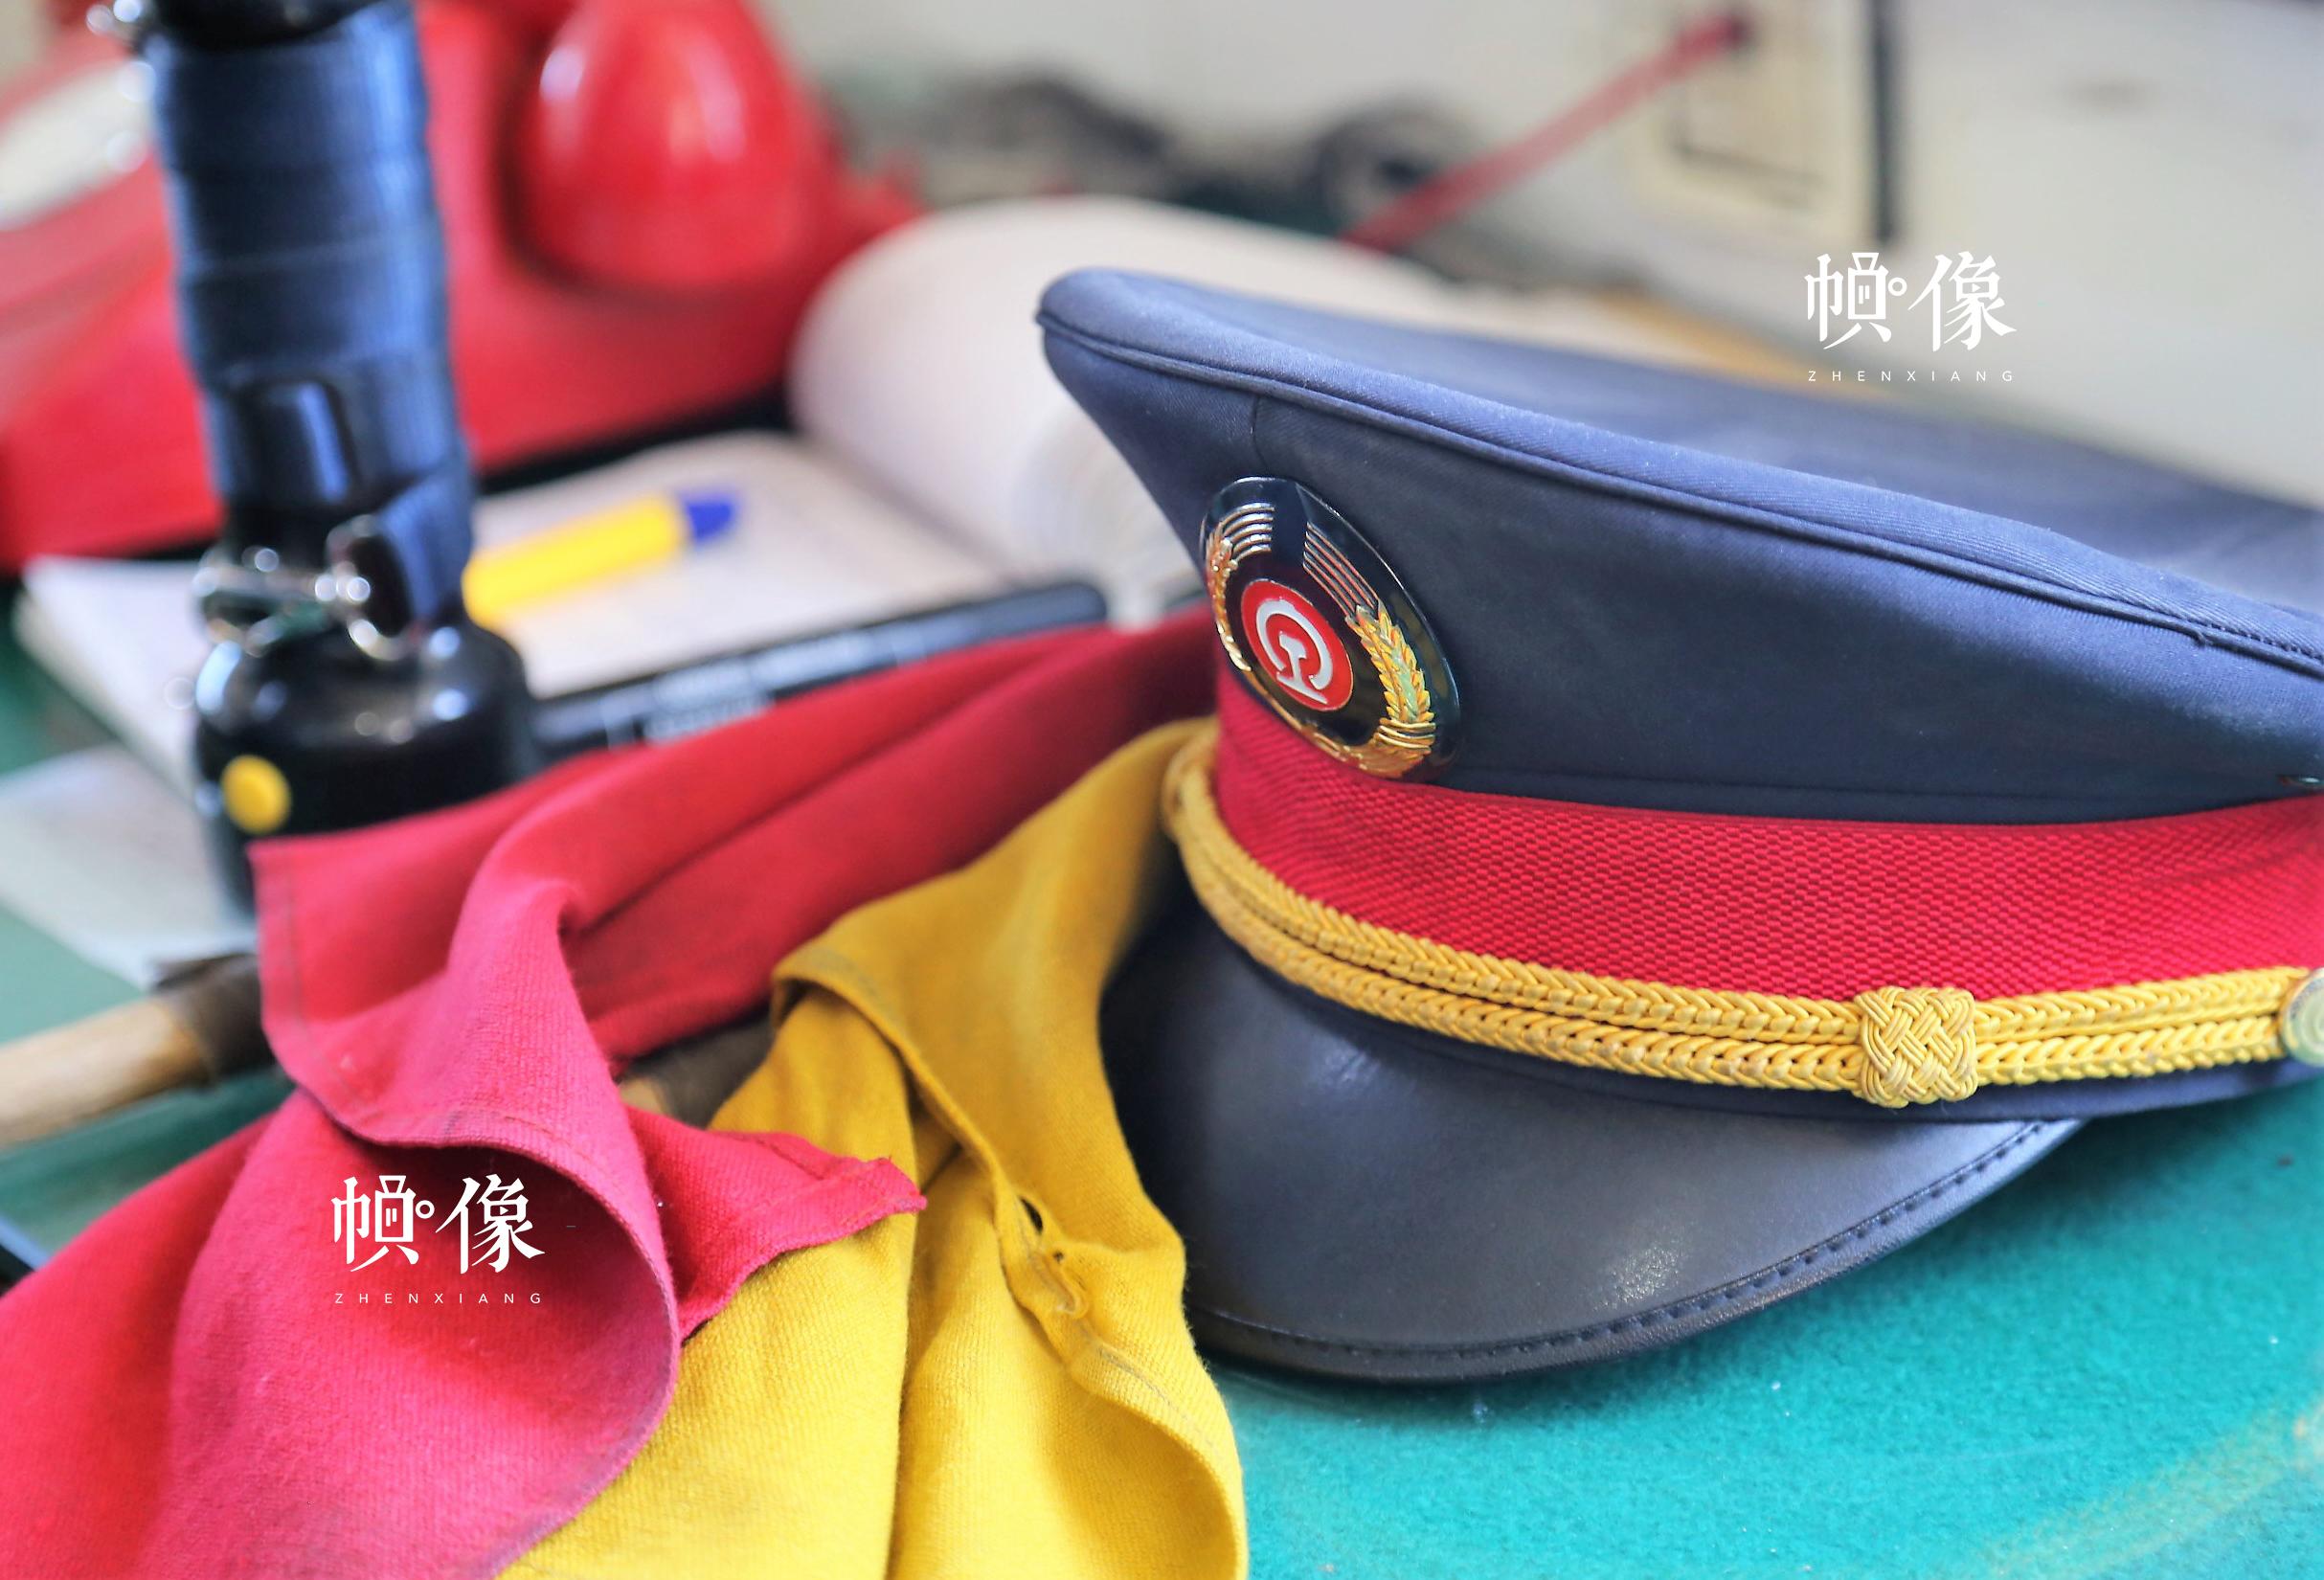 图为铁路扳道员的帽子与旗帜,这也成为了他们的标记。中国网记者 仝选 摄